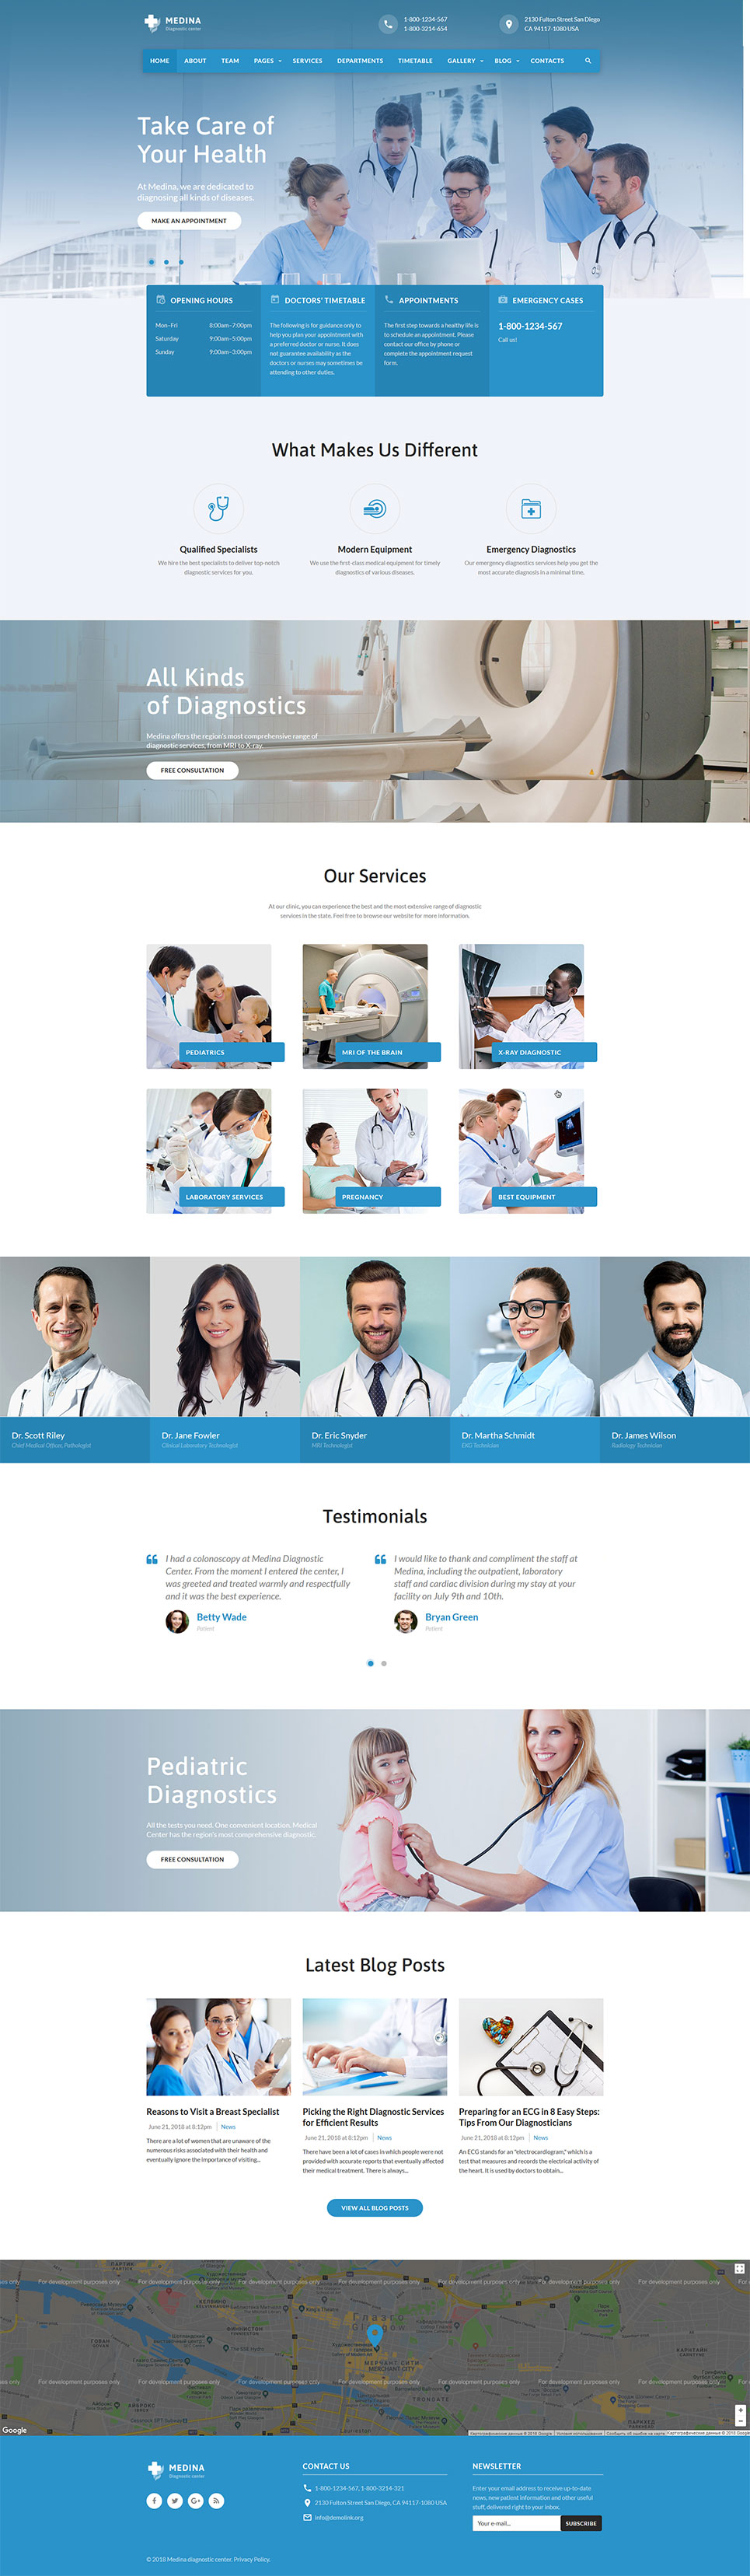 Medical Diagnostic Center template illustration image